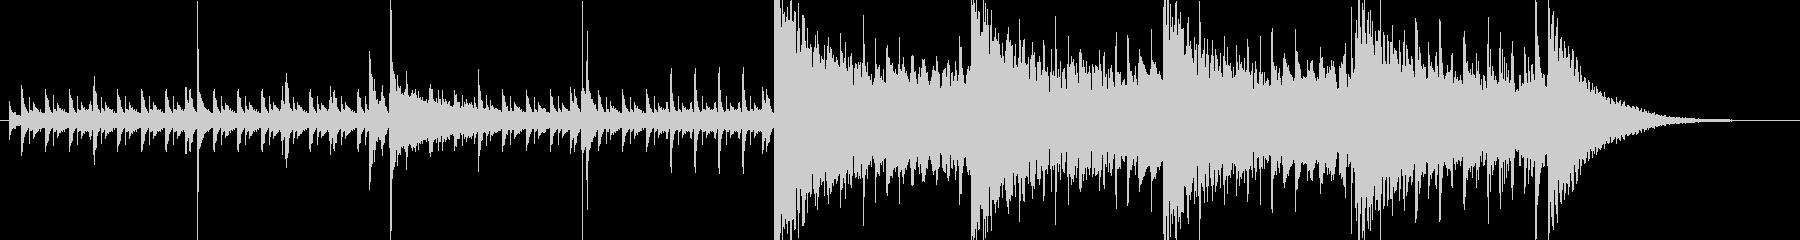 30秒・緊張感・クール・高速ジャズの未再生の波形